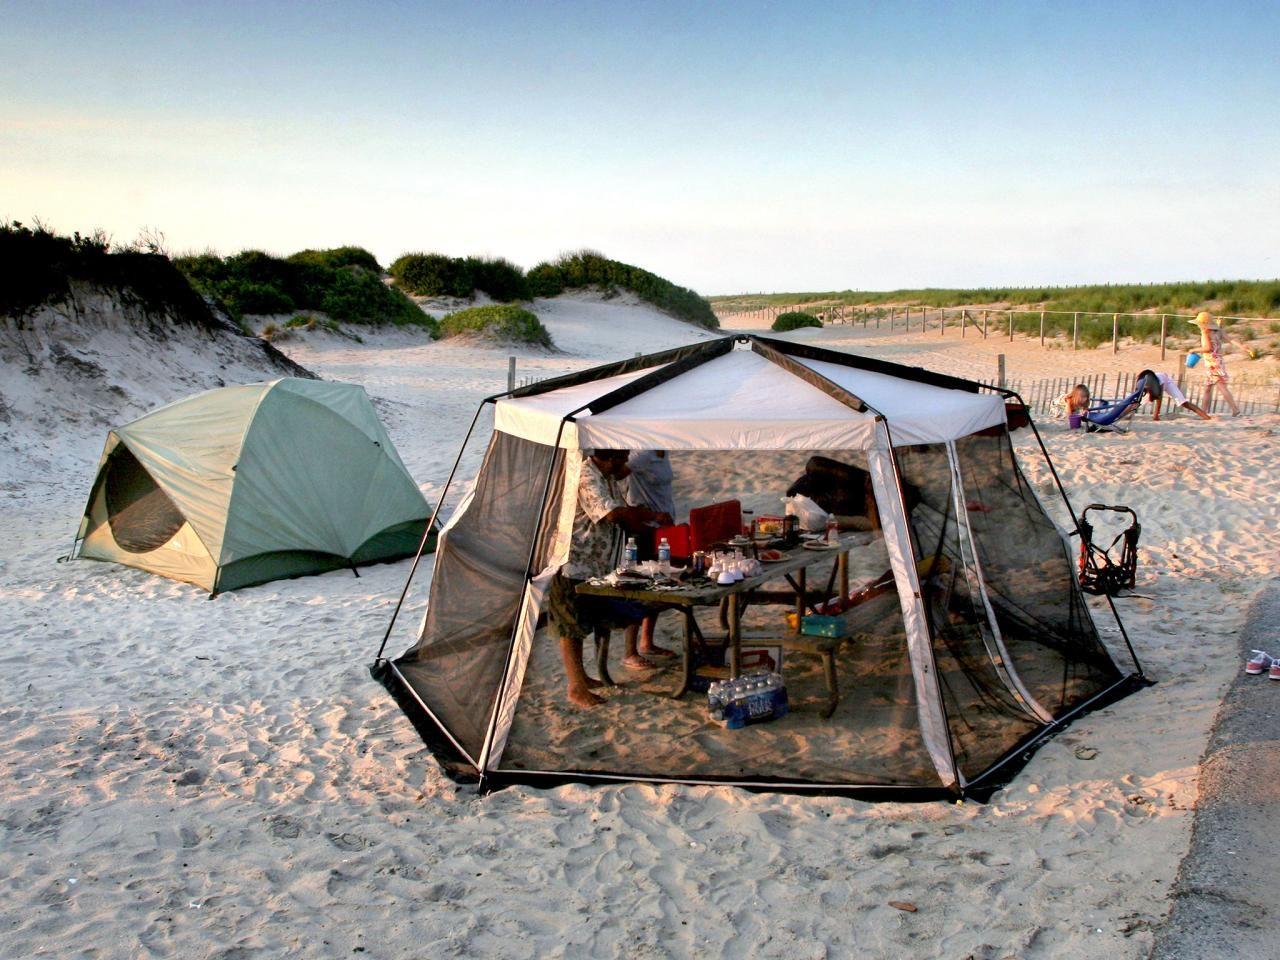 101 Sand n' Surf Hotspots Slideshow : 101 Sand n' Surf